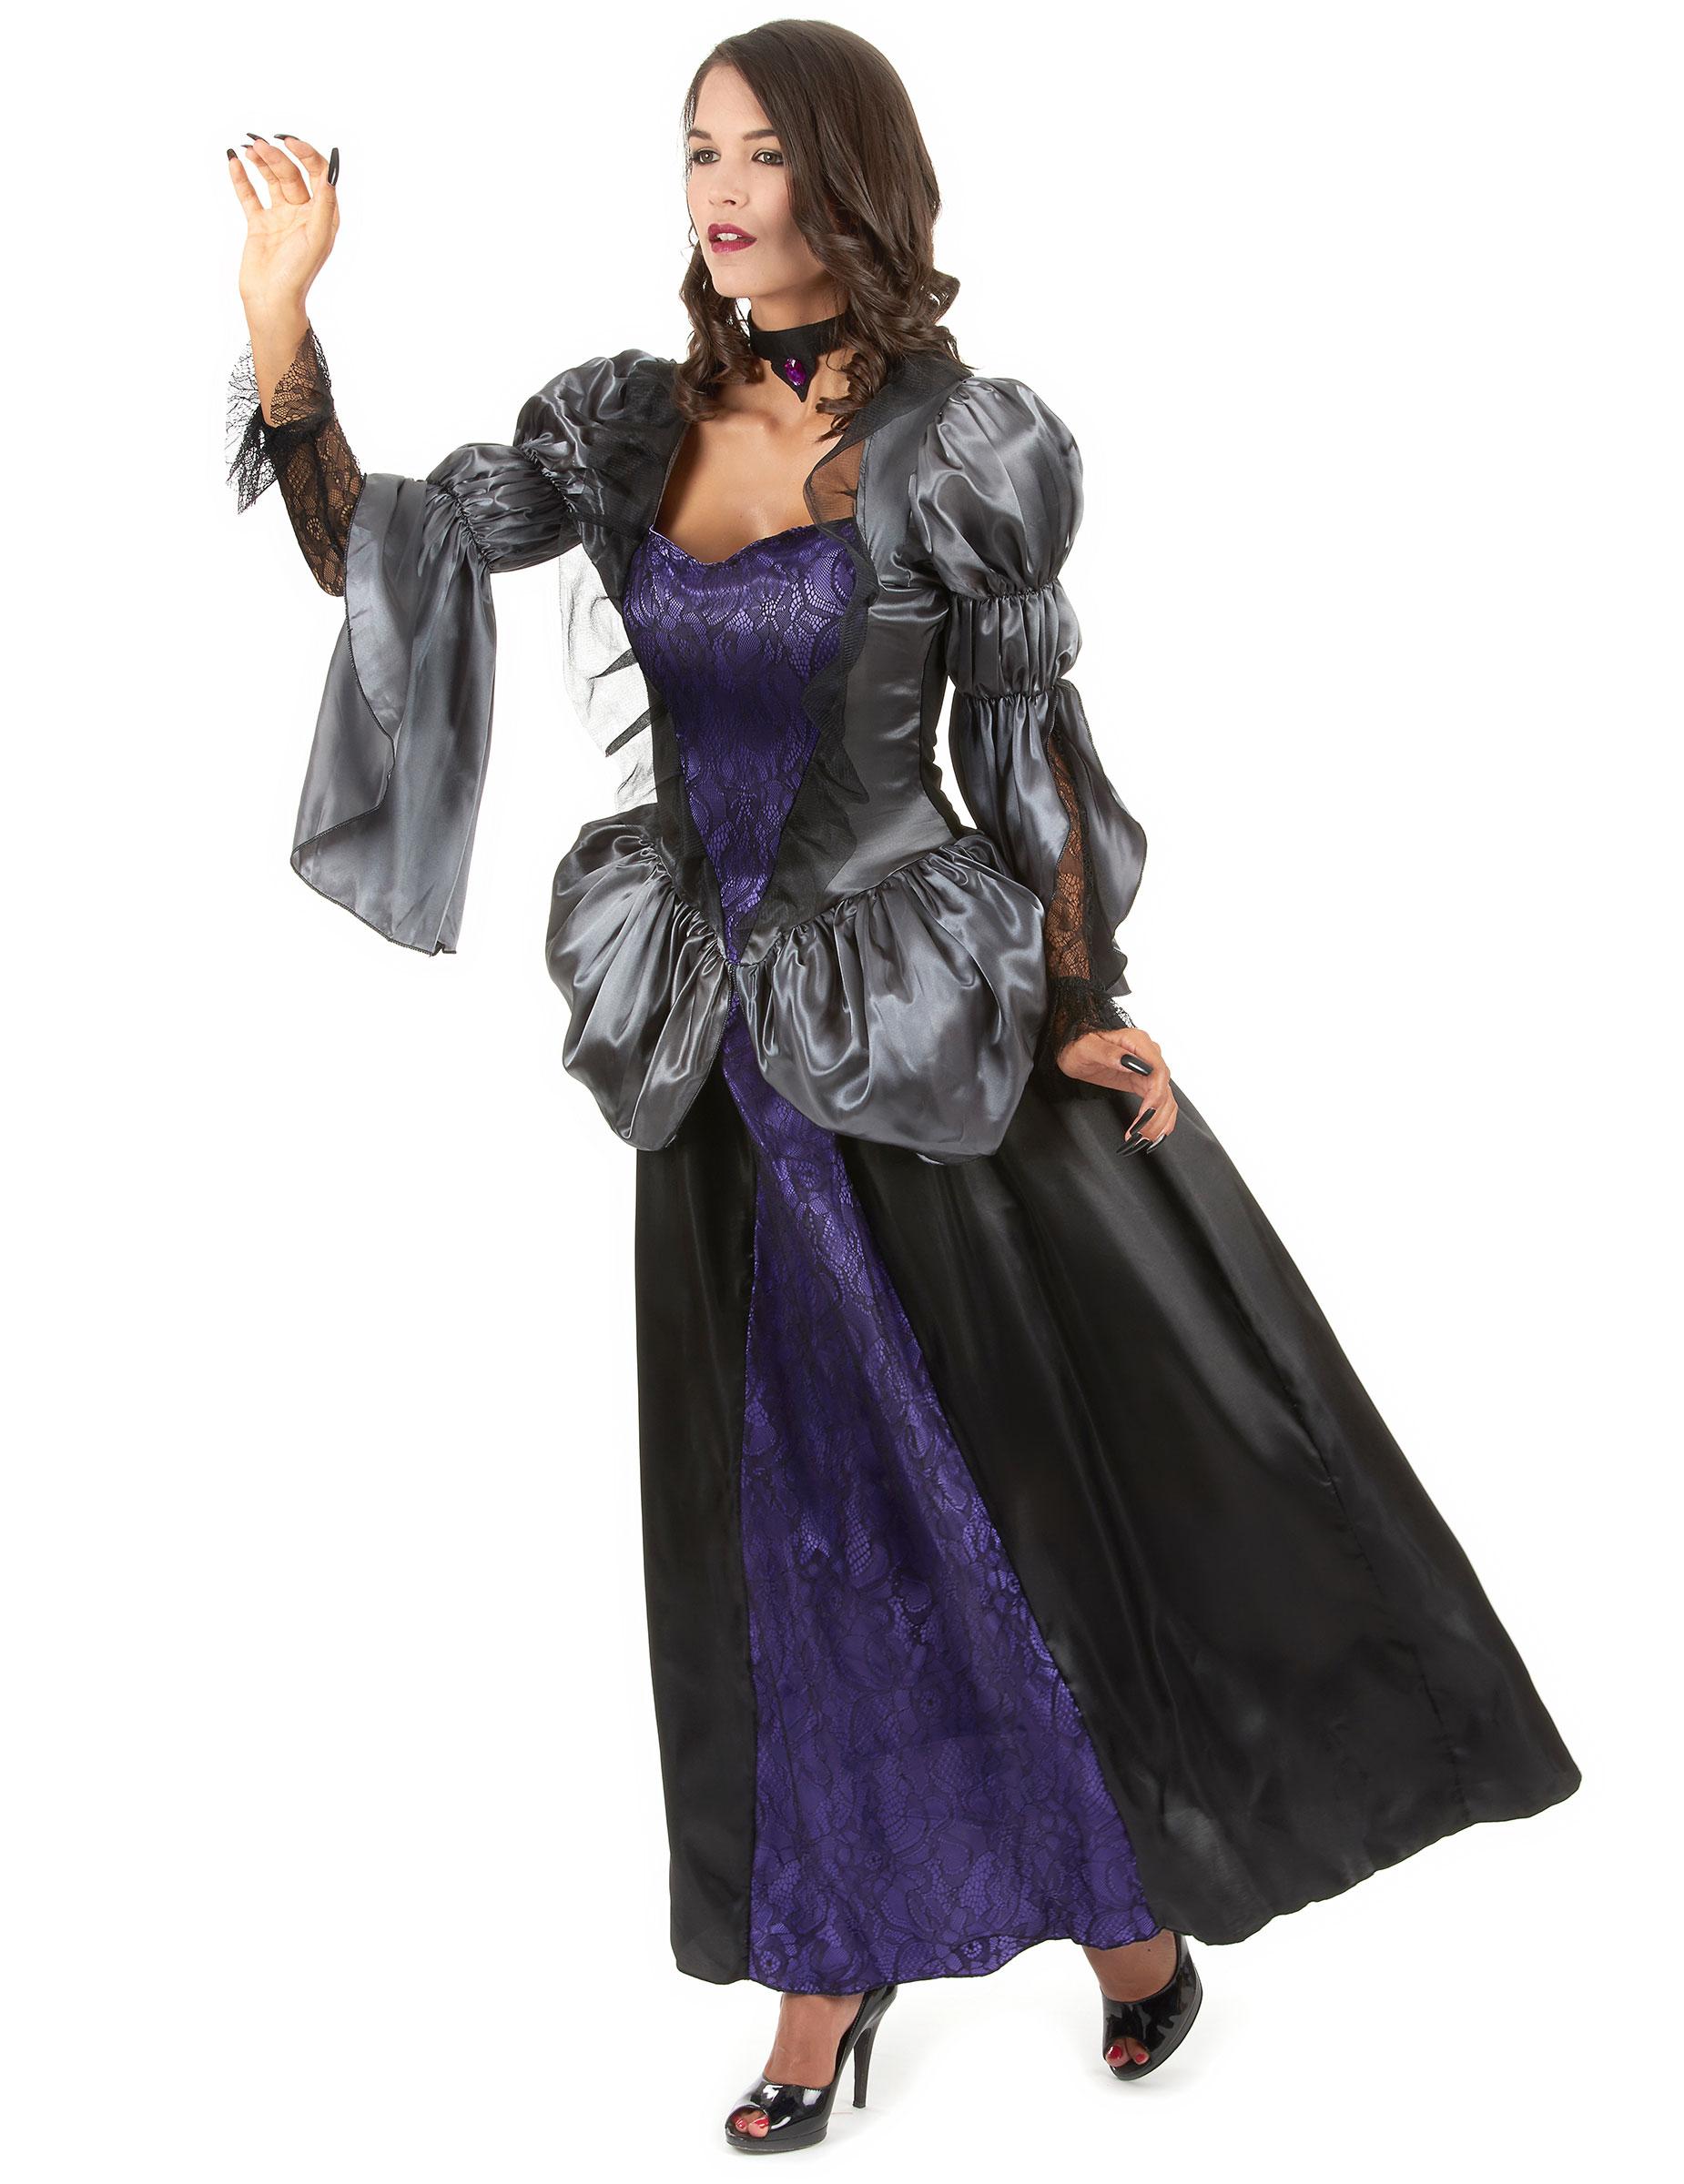 Costume da vampira nero e viola per donna su VegaooParty 205f1357cfe2